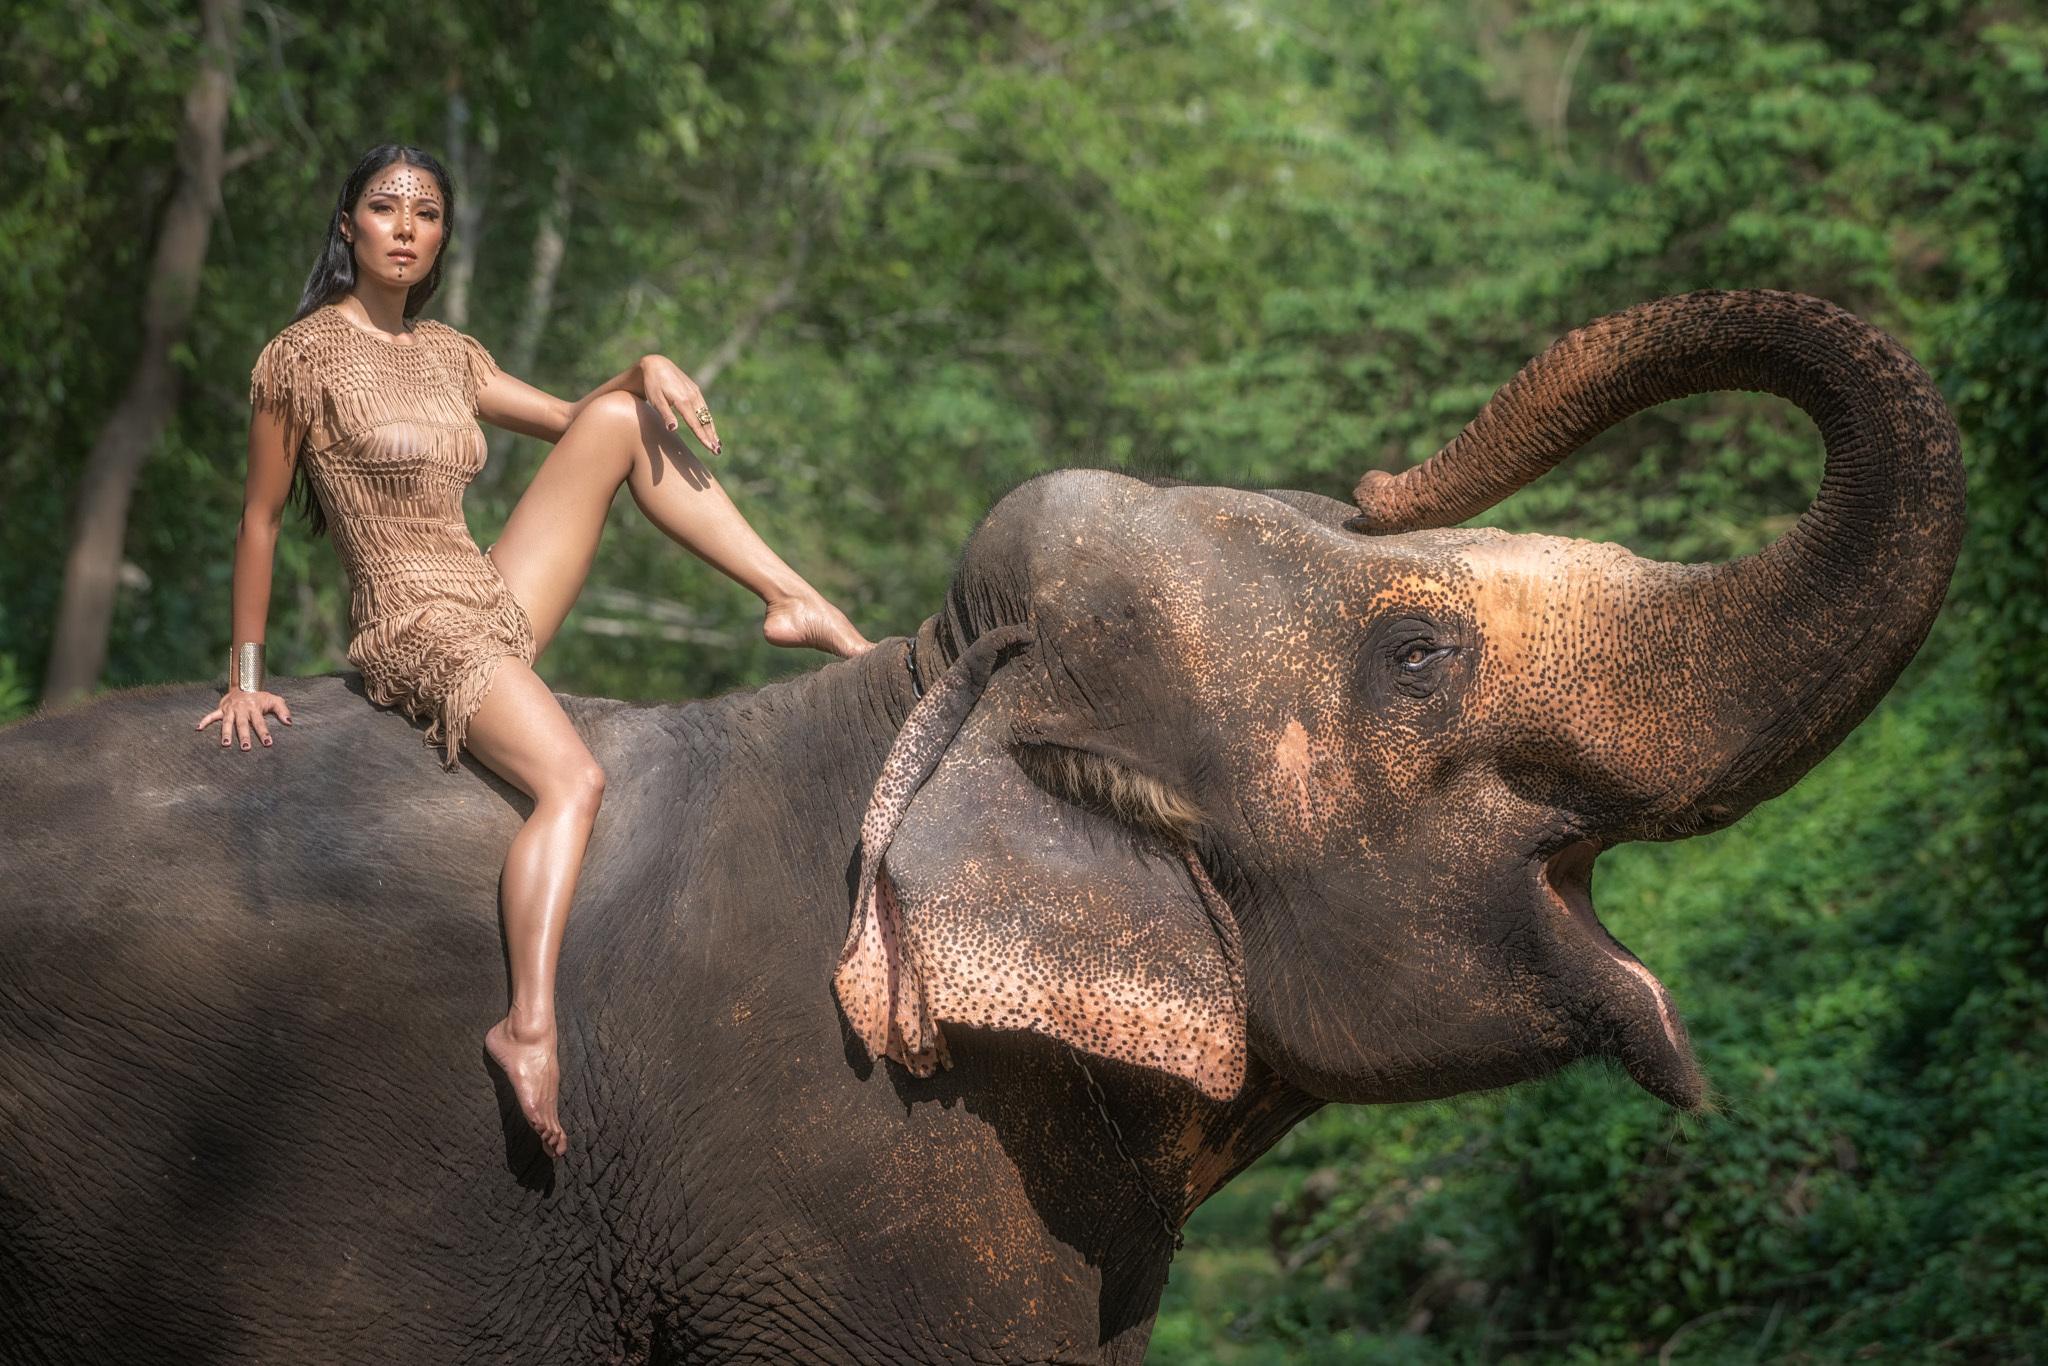 elephant-girl-sax-videos-free-gomez-naked